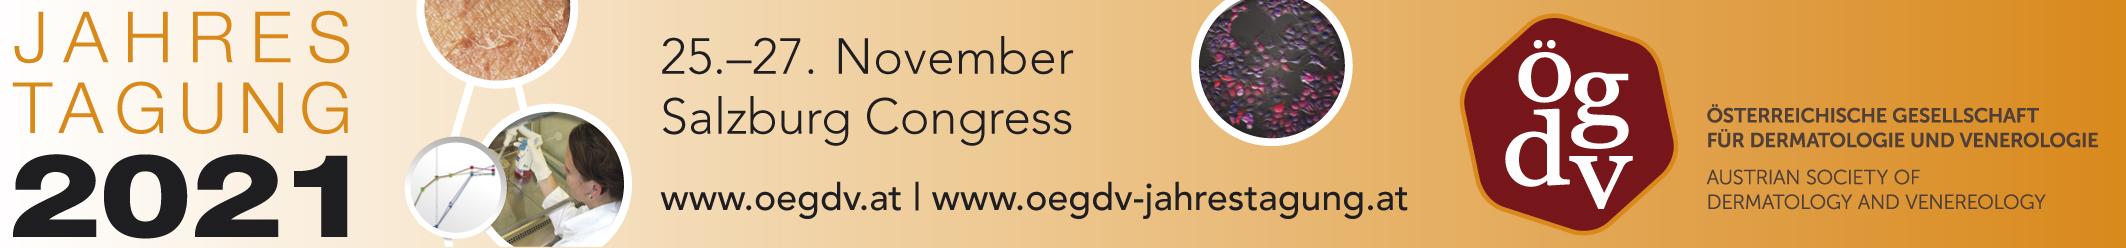 ÖGDV Logo